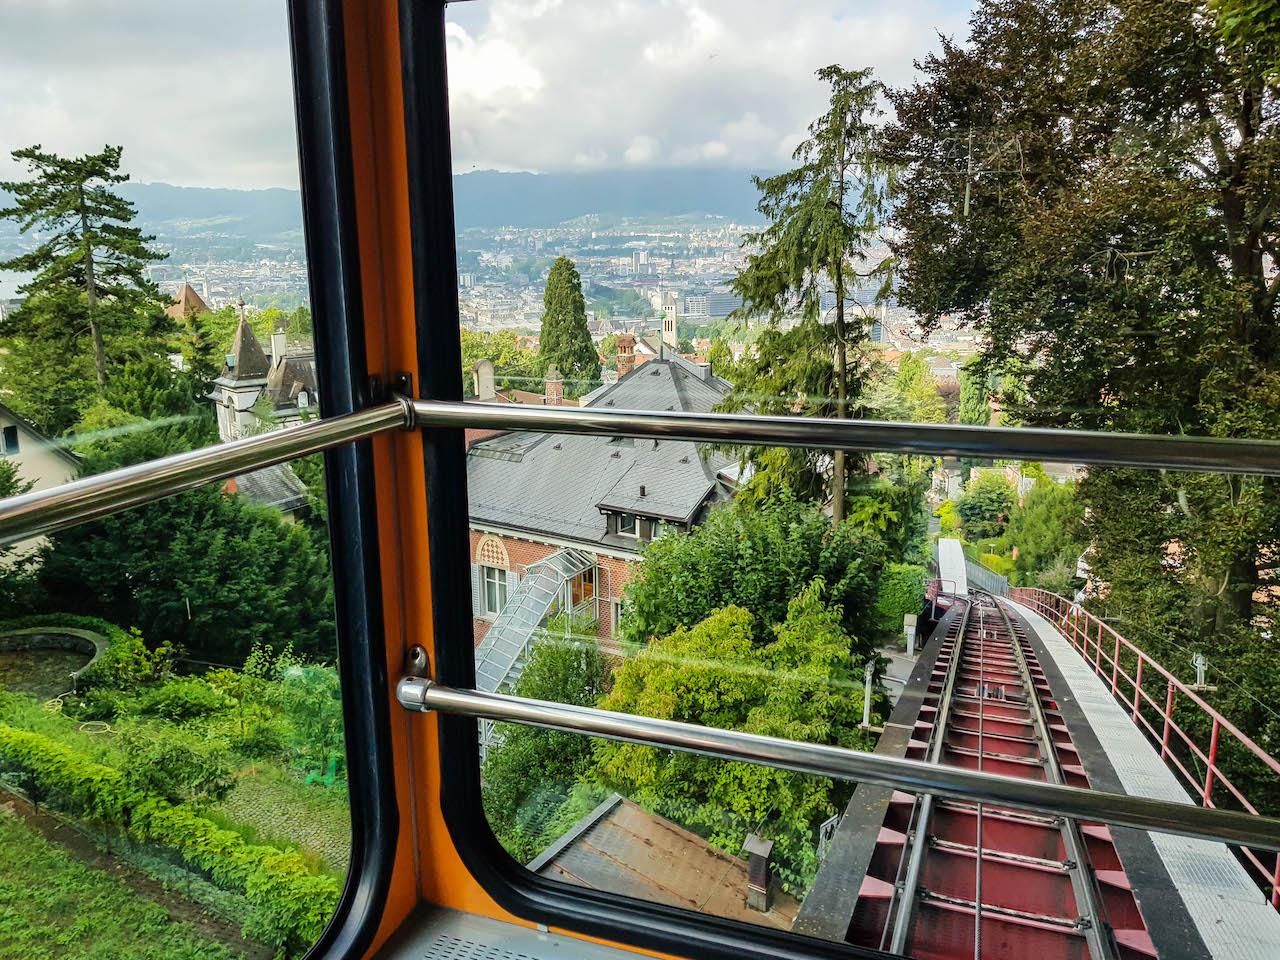 Unterwegs nach Zürich mit der Seilbahn Rigiblick.